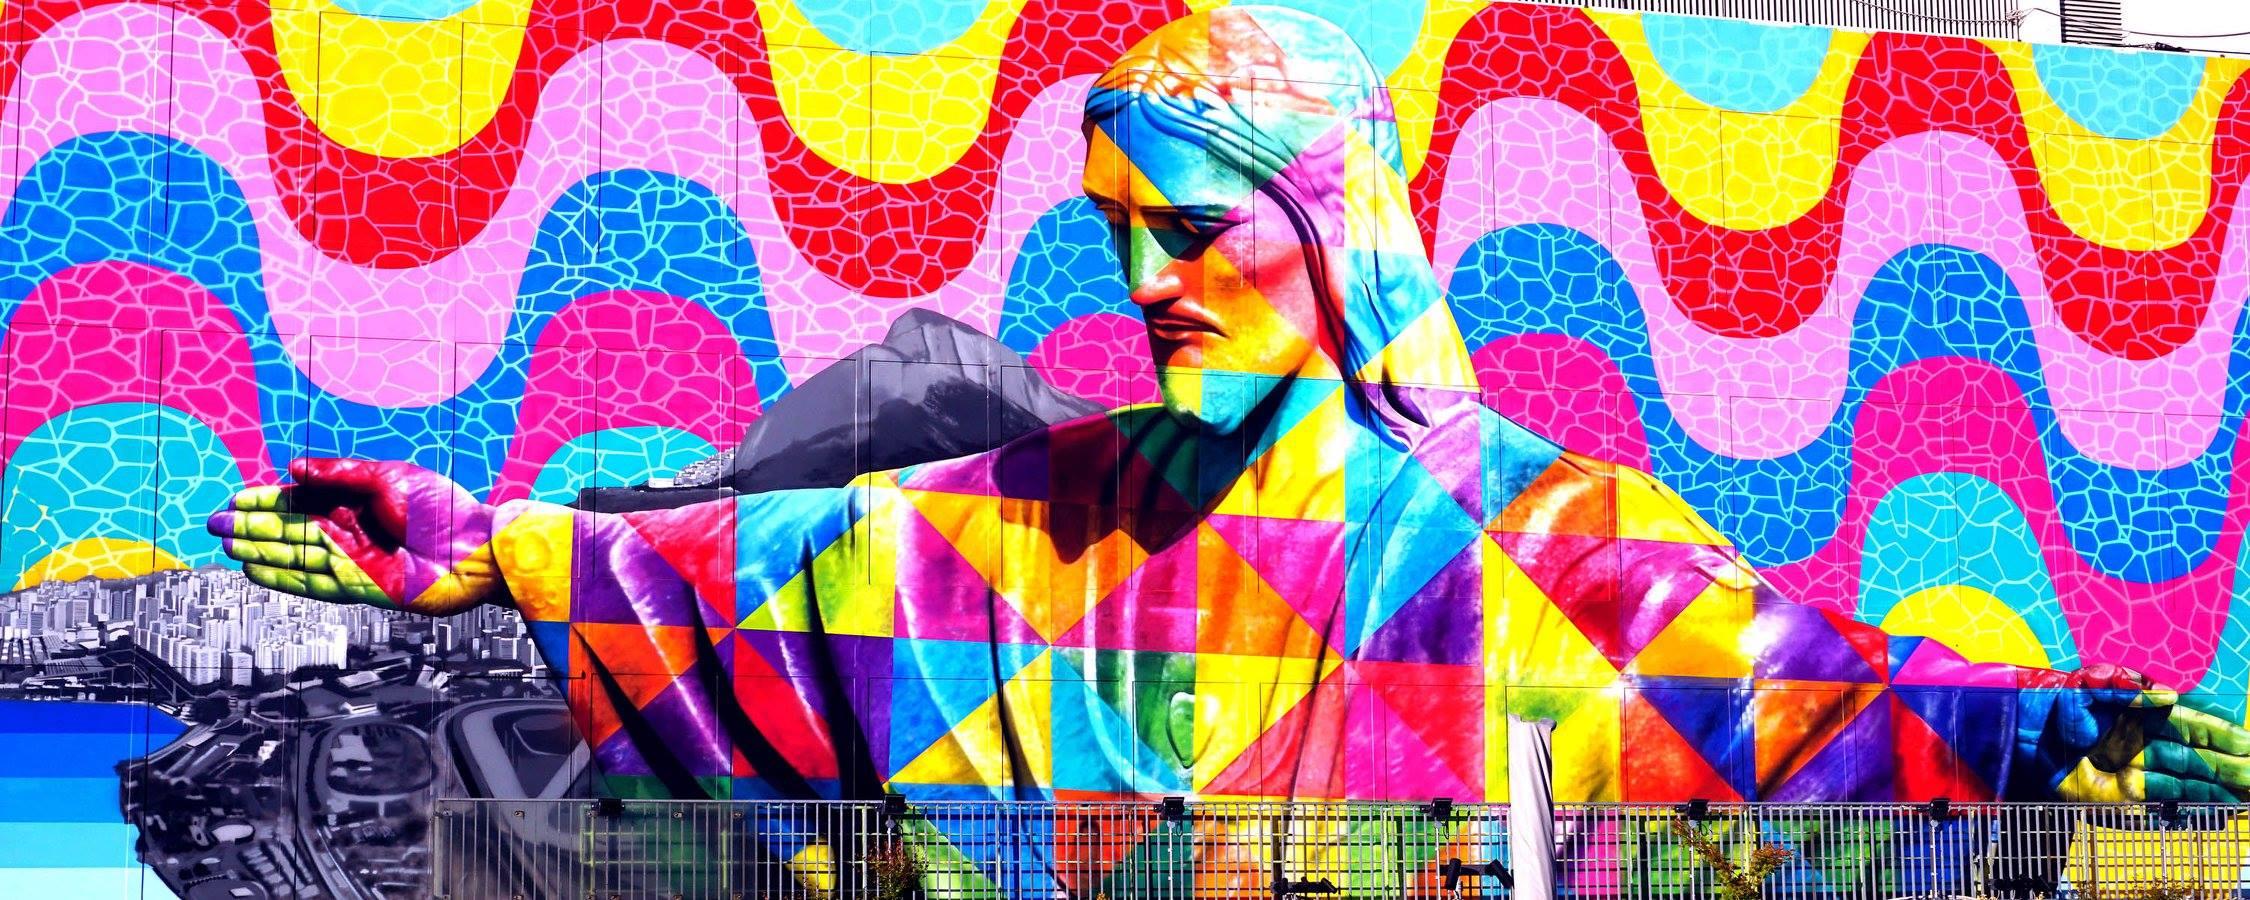 How To Paint A Mural On A Wall Eduardo Kobra Un Murales Per Salvarci Tutti Vhd